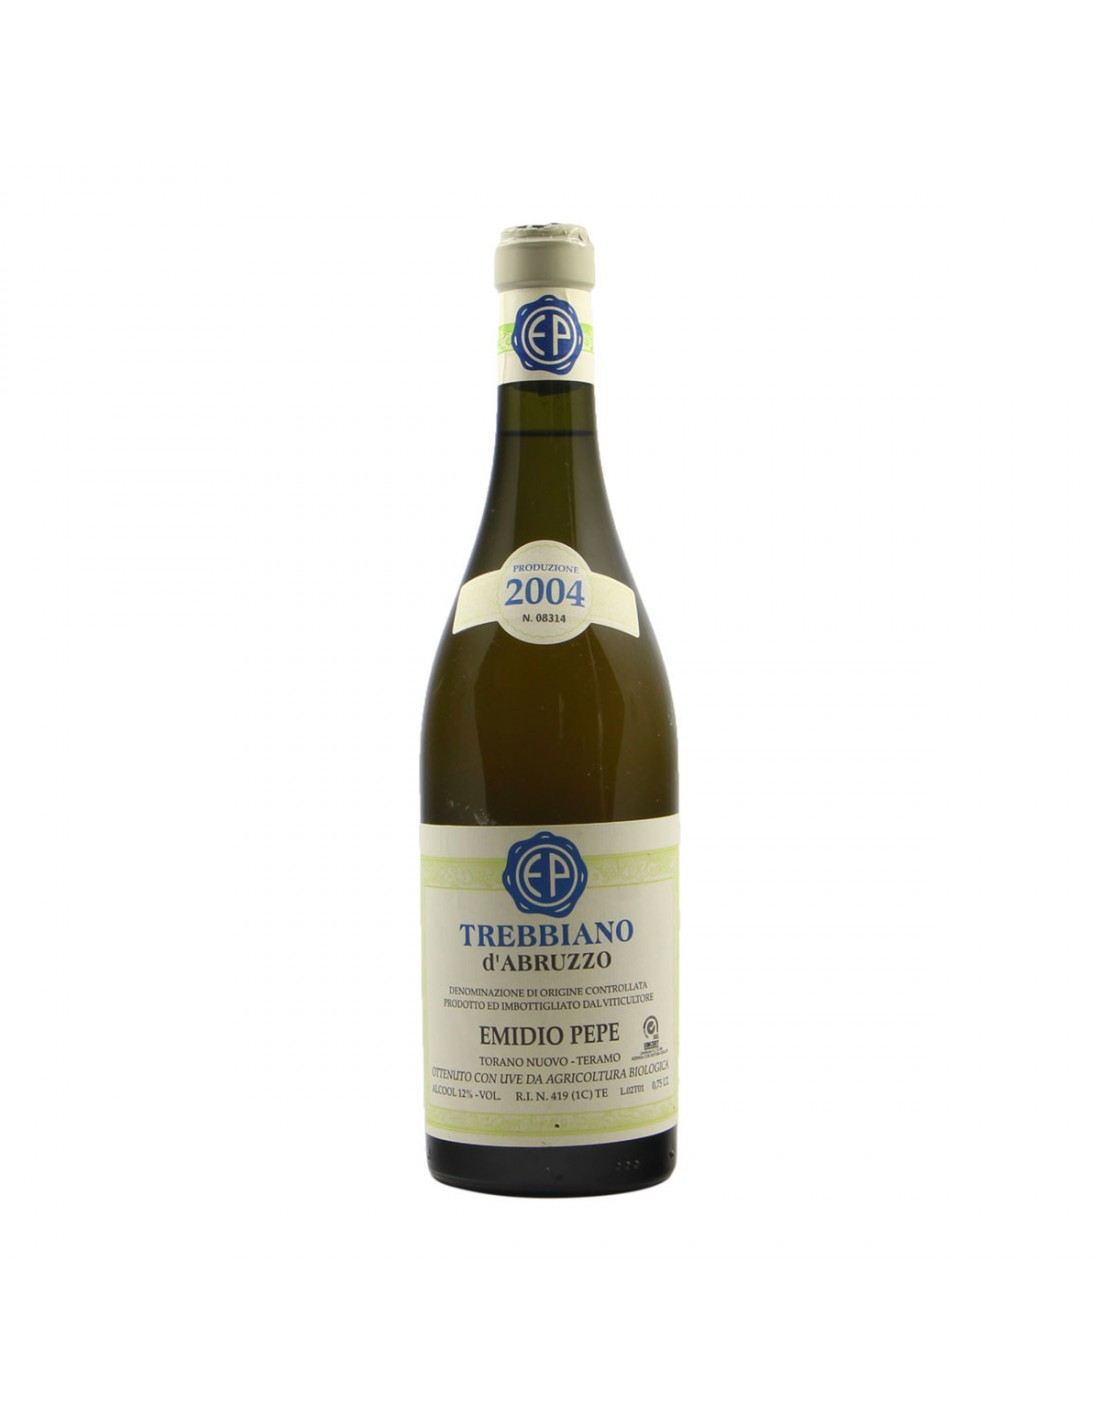 TREBBIANO D'ABRUZZO 2004 EMIDIO PEPE Grandi Bottiglie